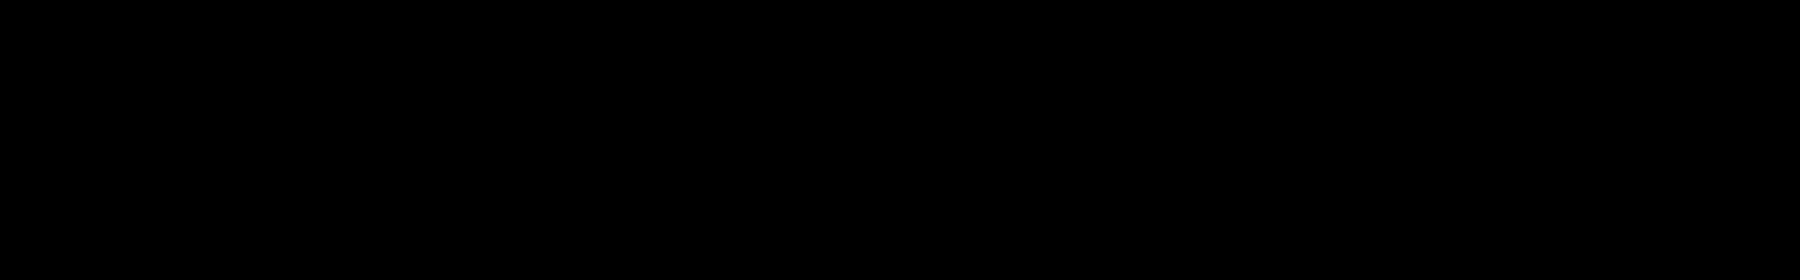 Lo-Fi Keys audio waveform